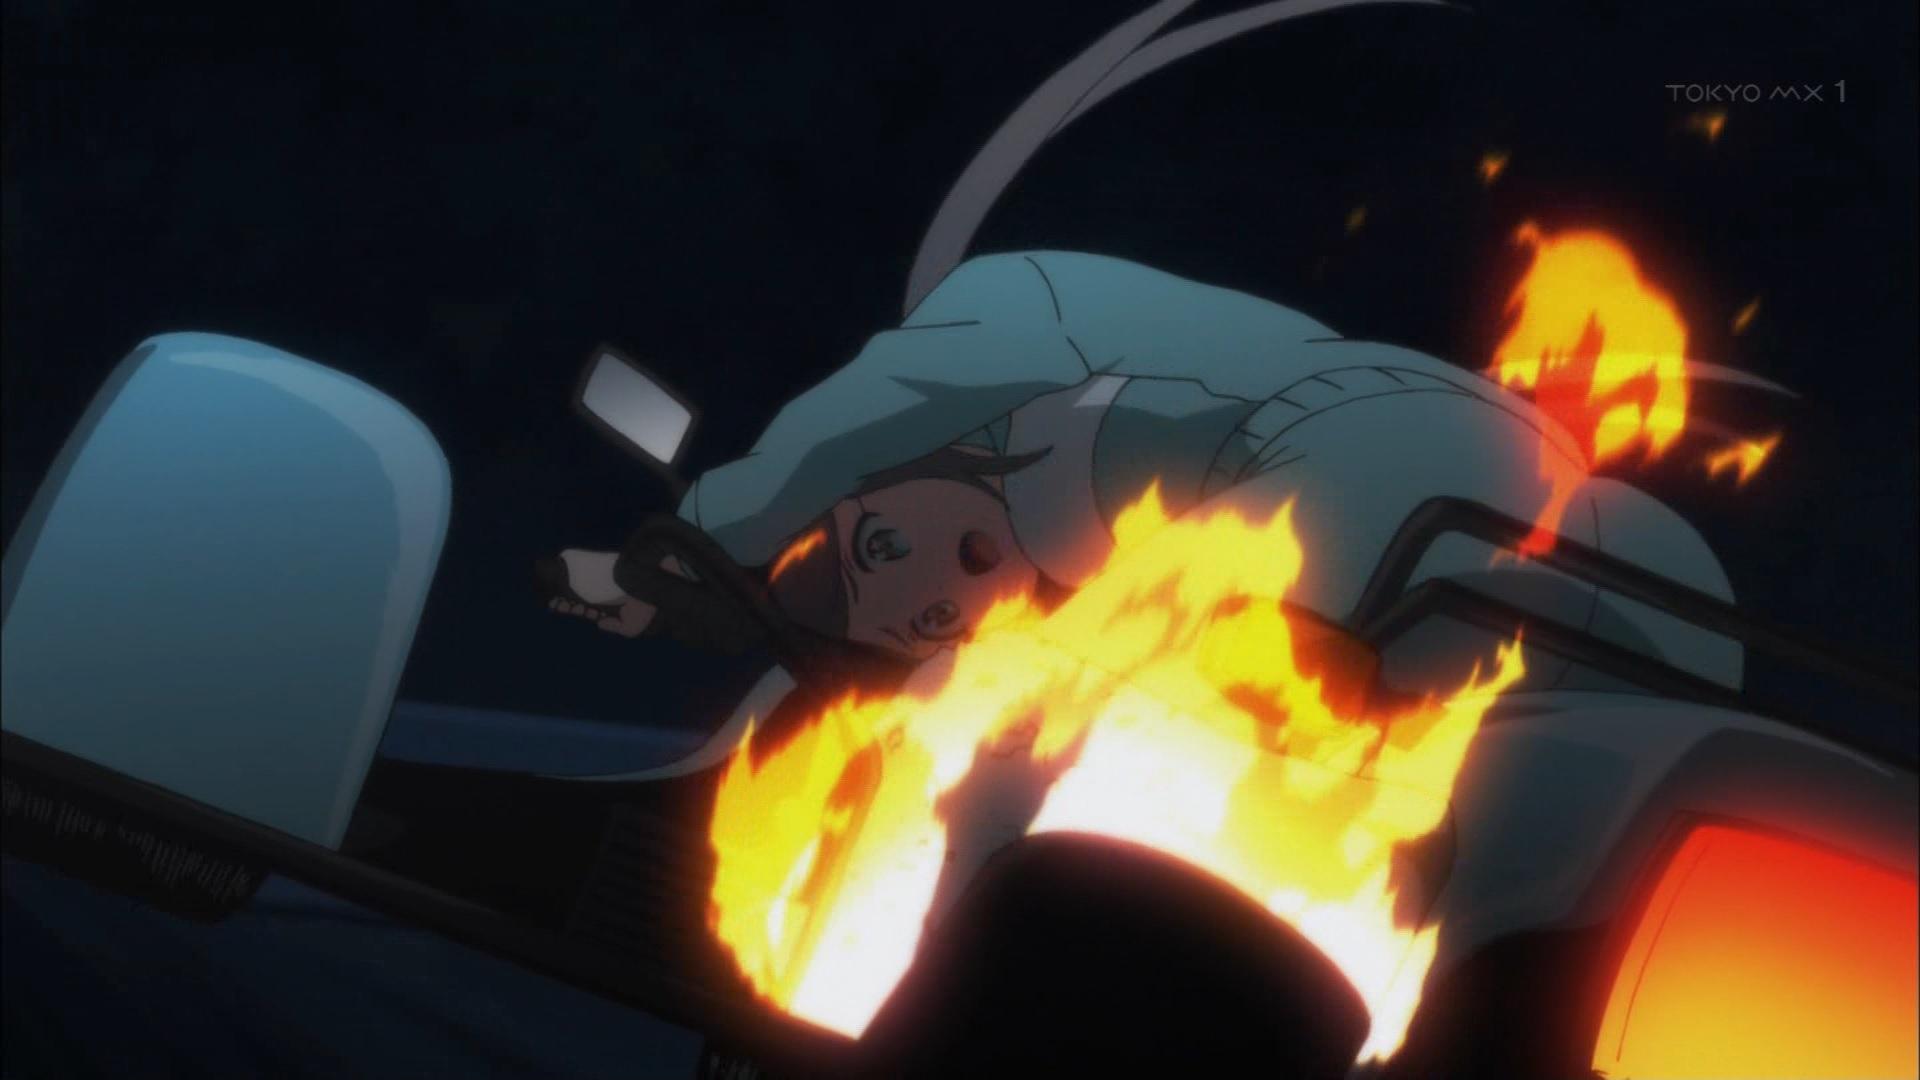 宍戸ゆりあと燃えるニーラー